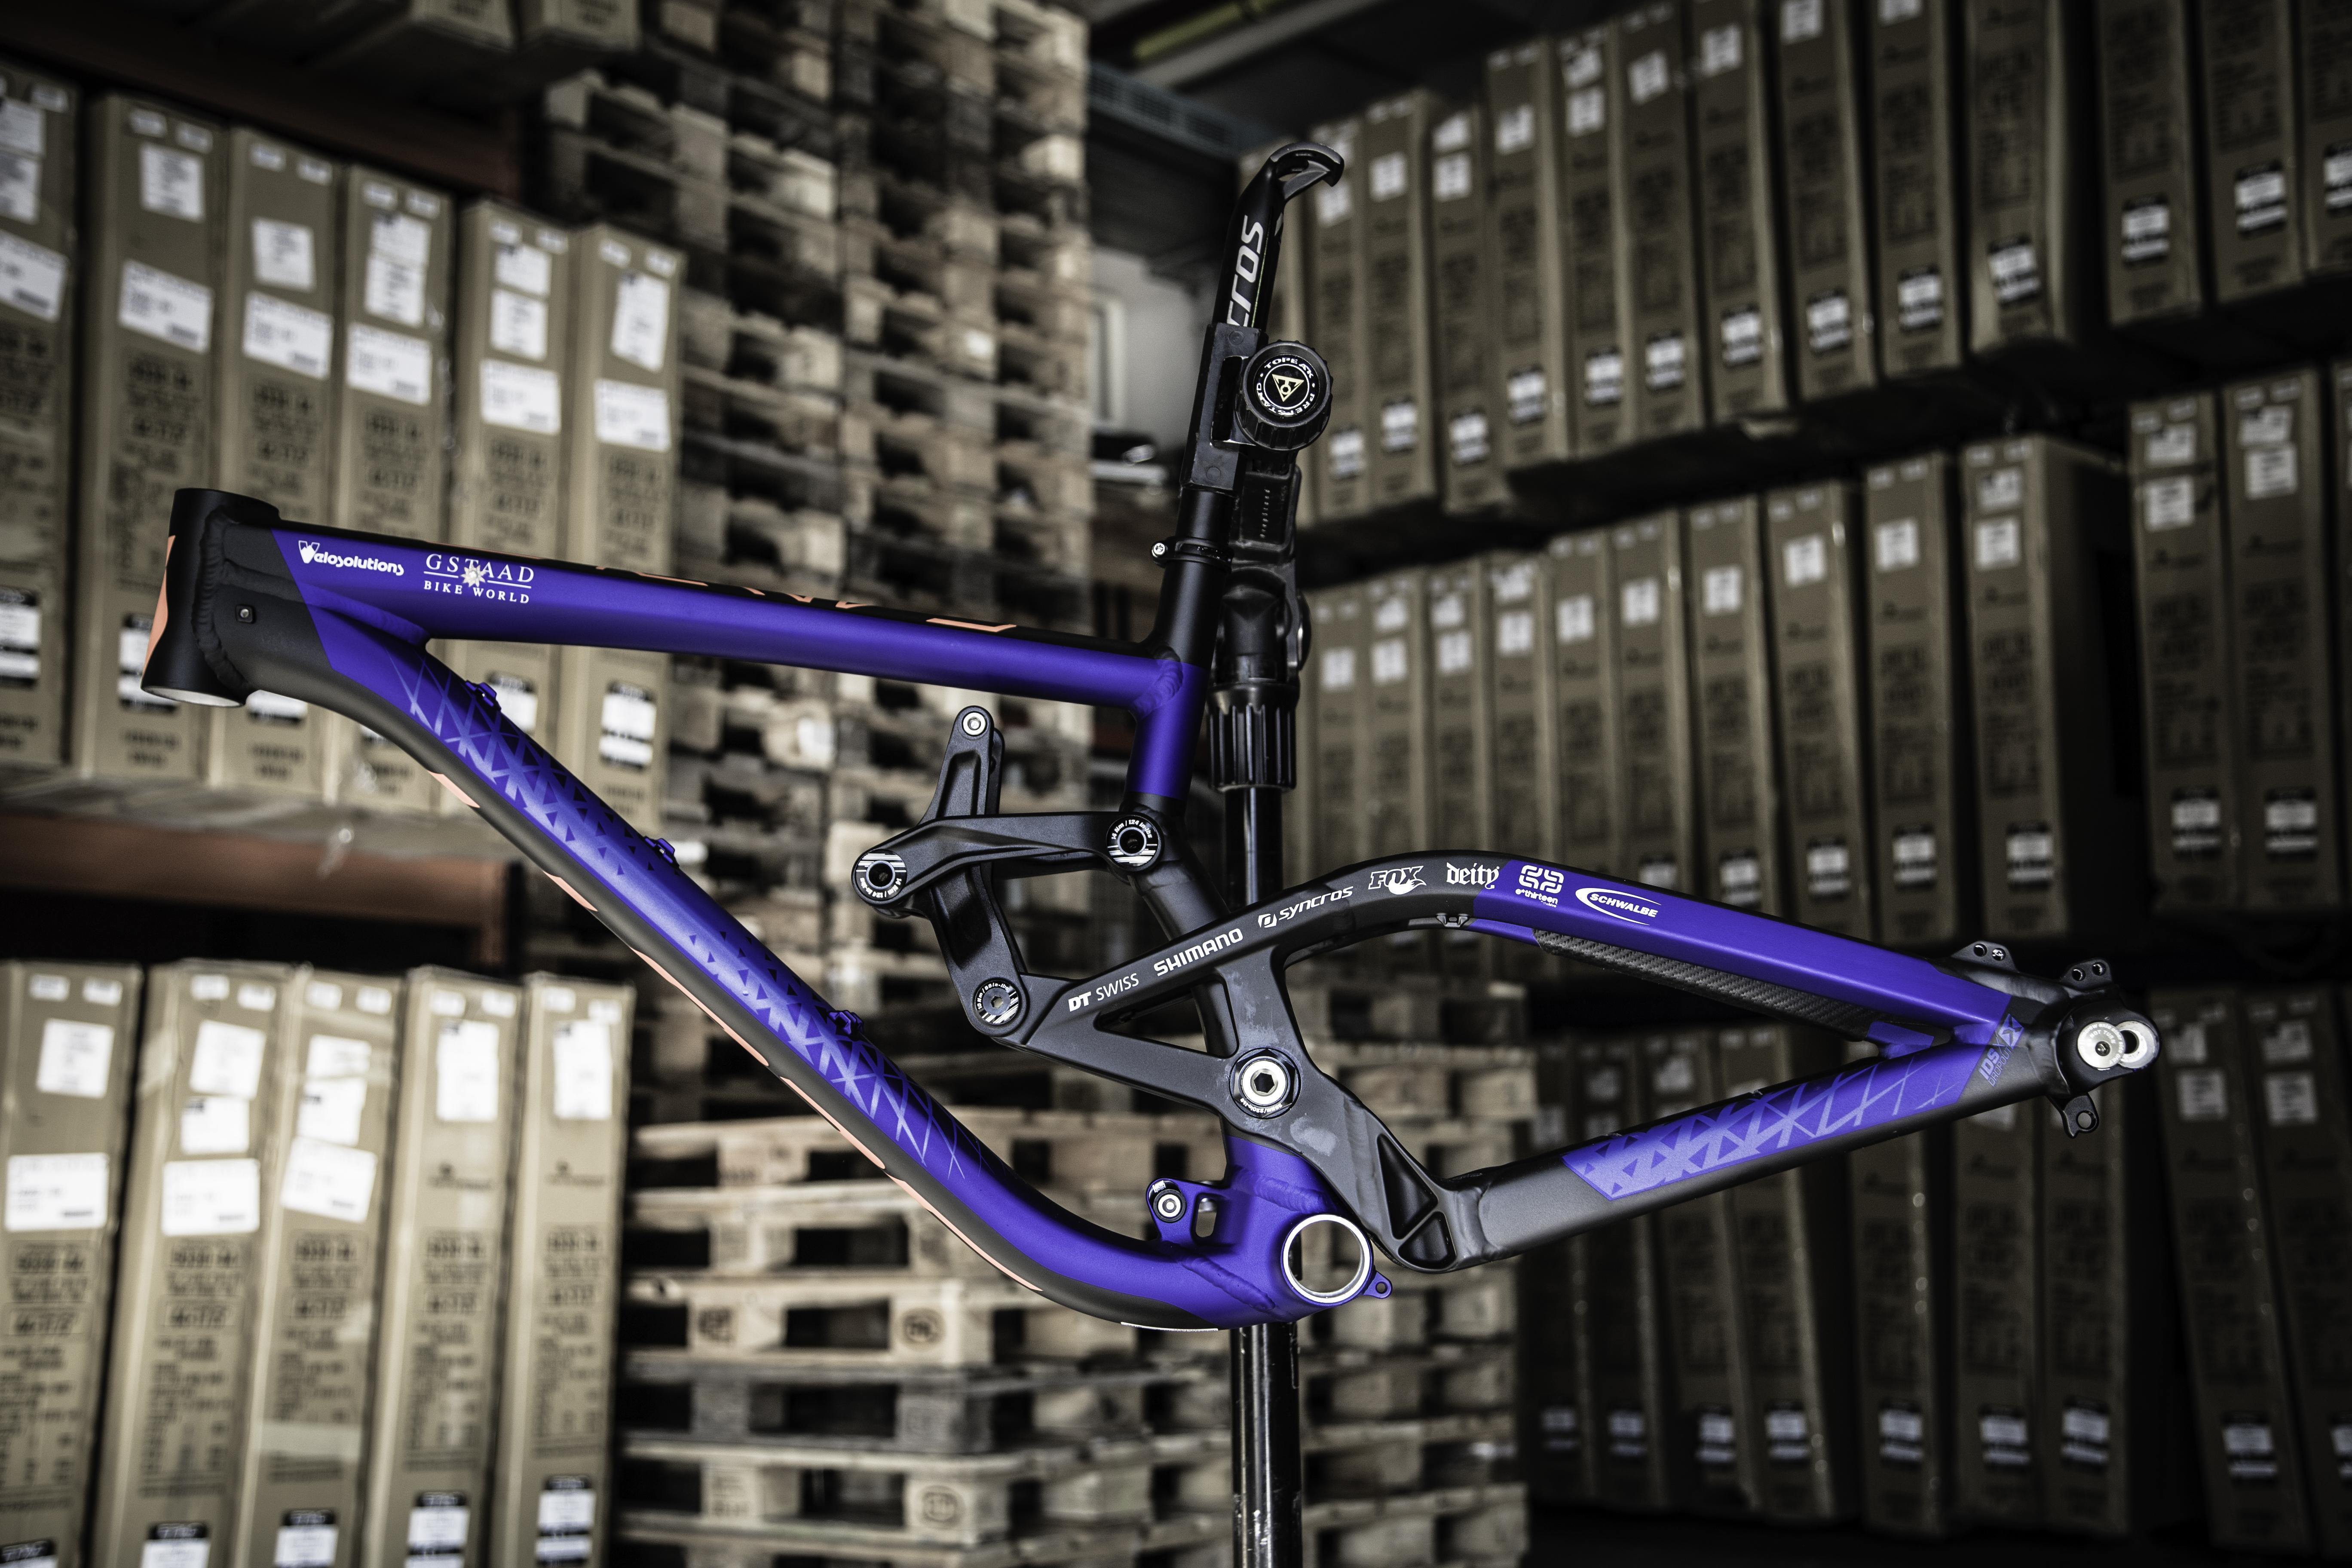 MTB Rider: SCOTT verlost Bike Rahmen für Paul B. #irideforpaul